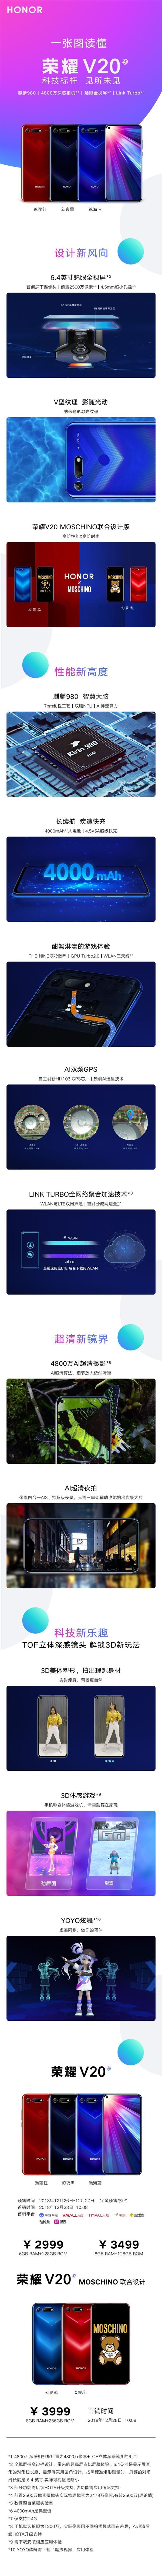 荣耀V20发布:麒麟980加持 2999元起的照片 - 3